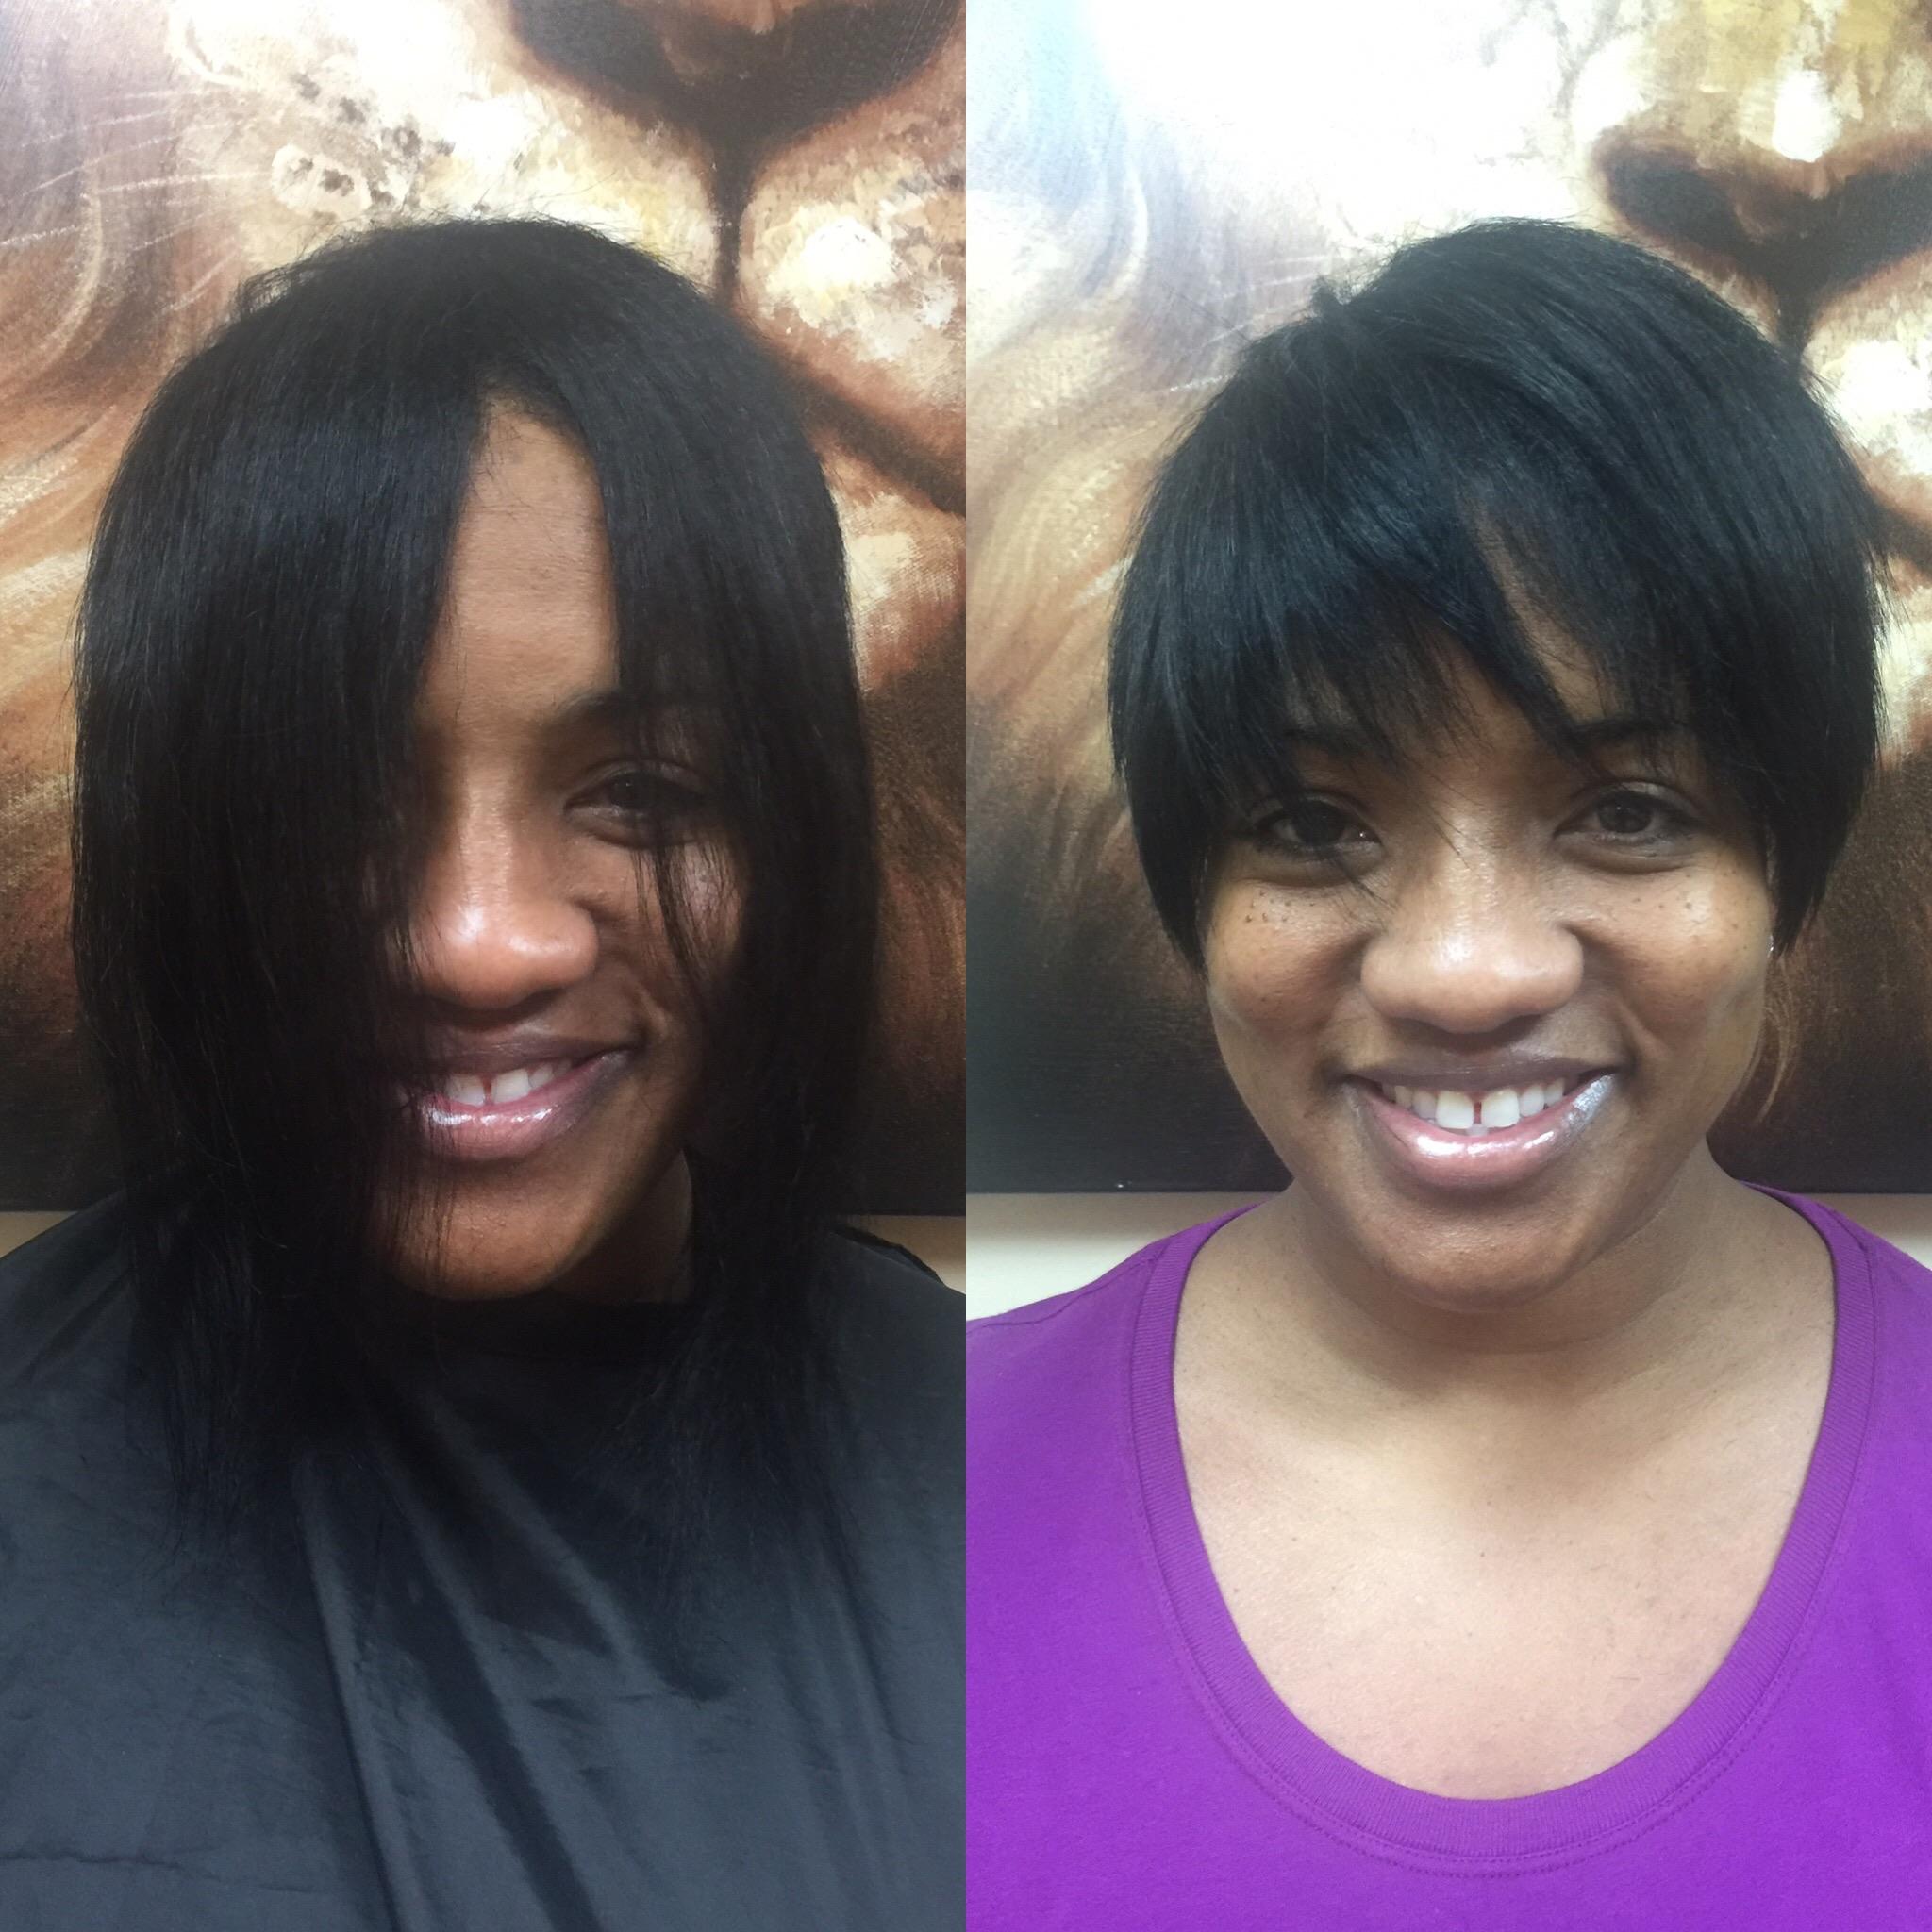 Haircut 0323